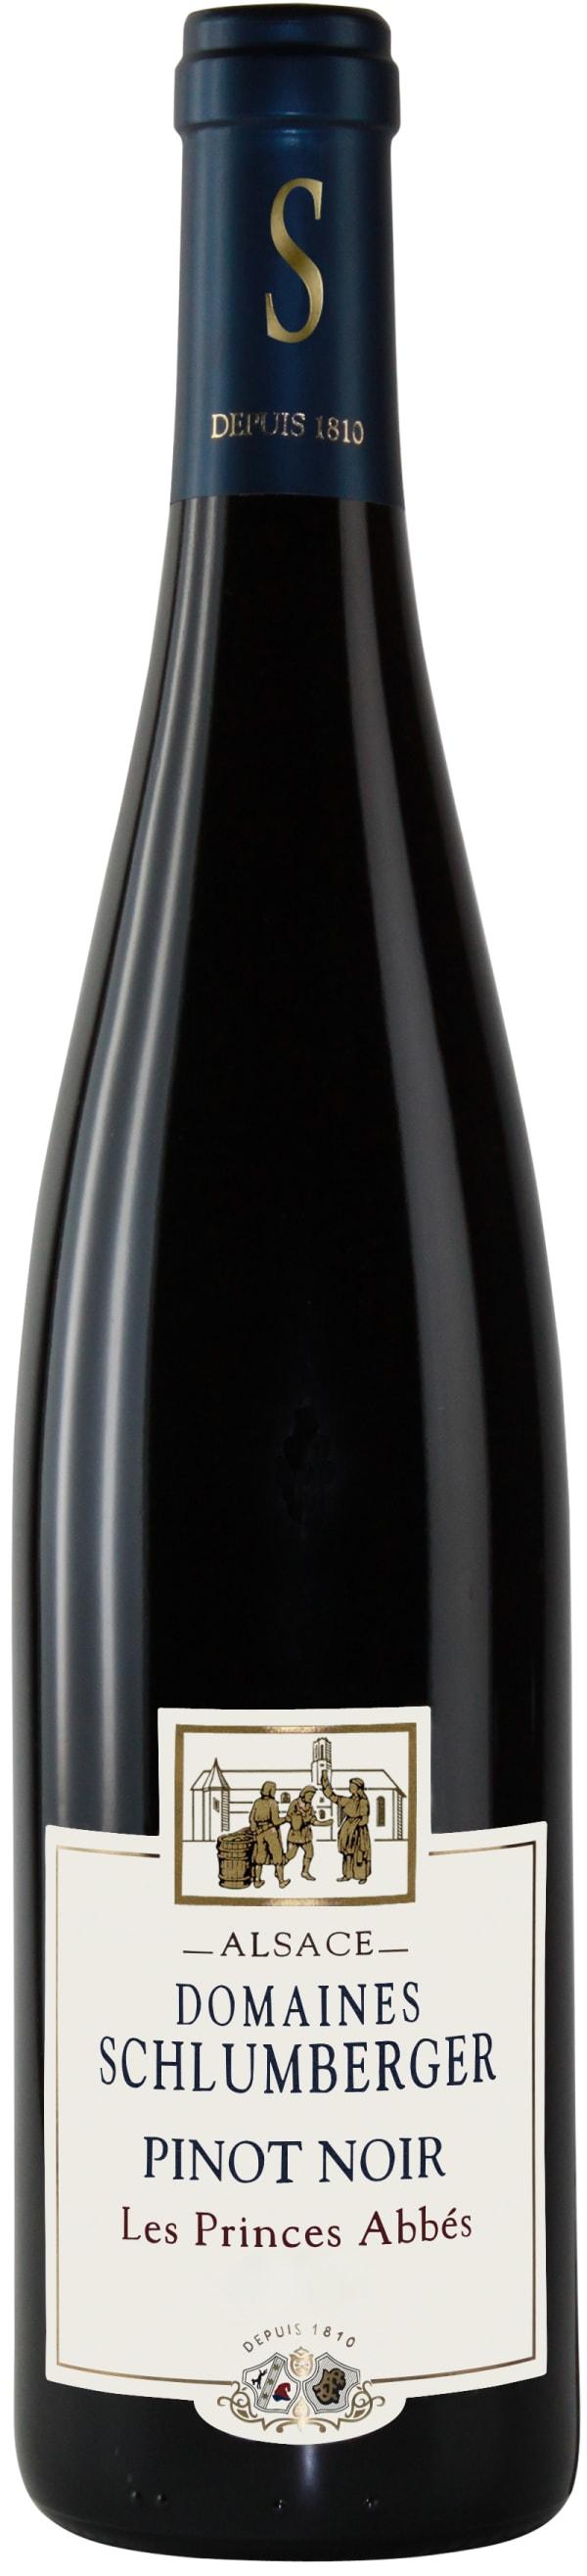 Domaines Schlumberger Les Princes Abbés Pinot Noir 2015